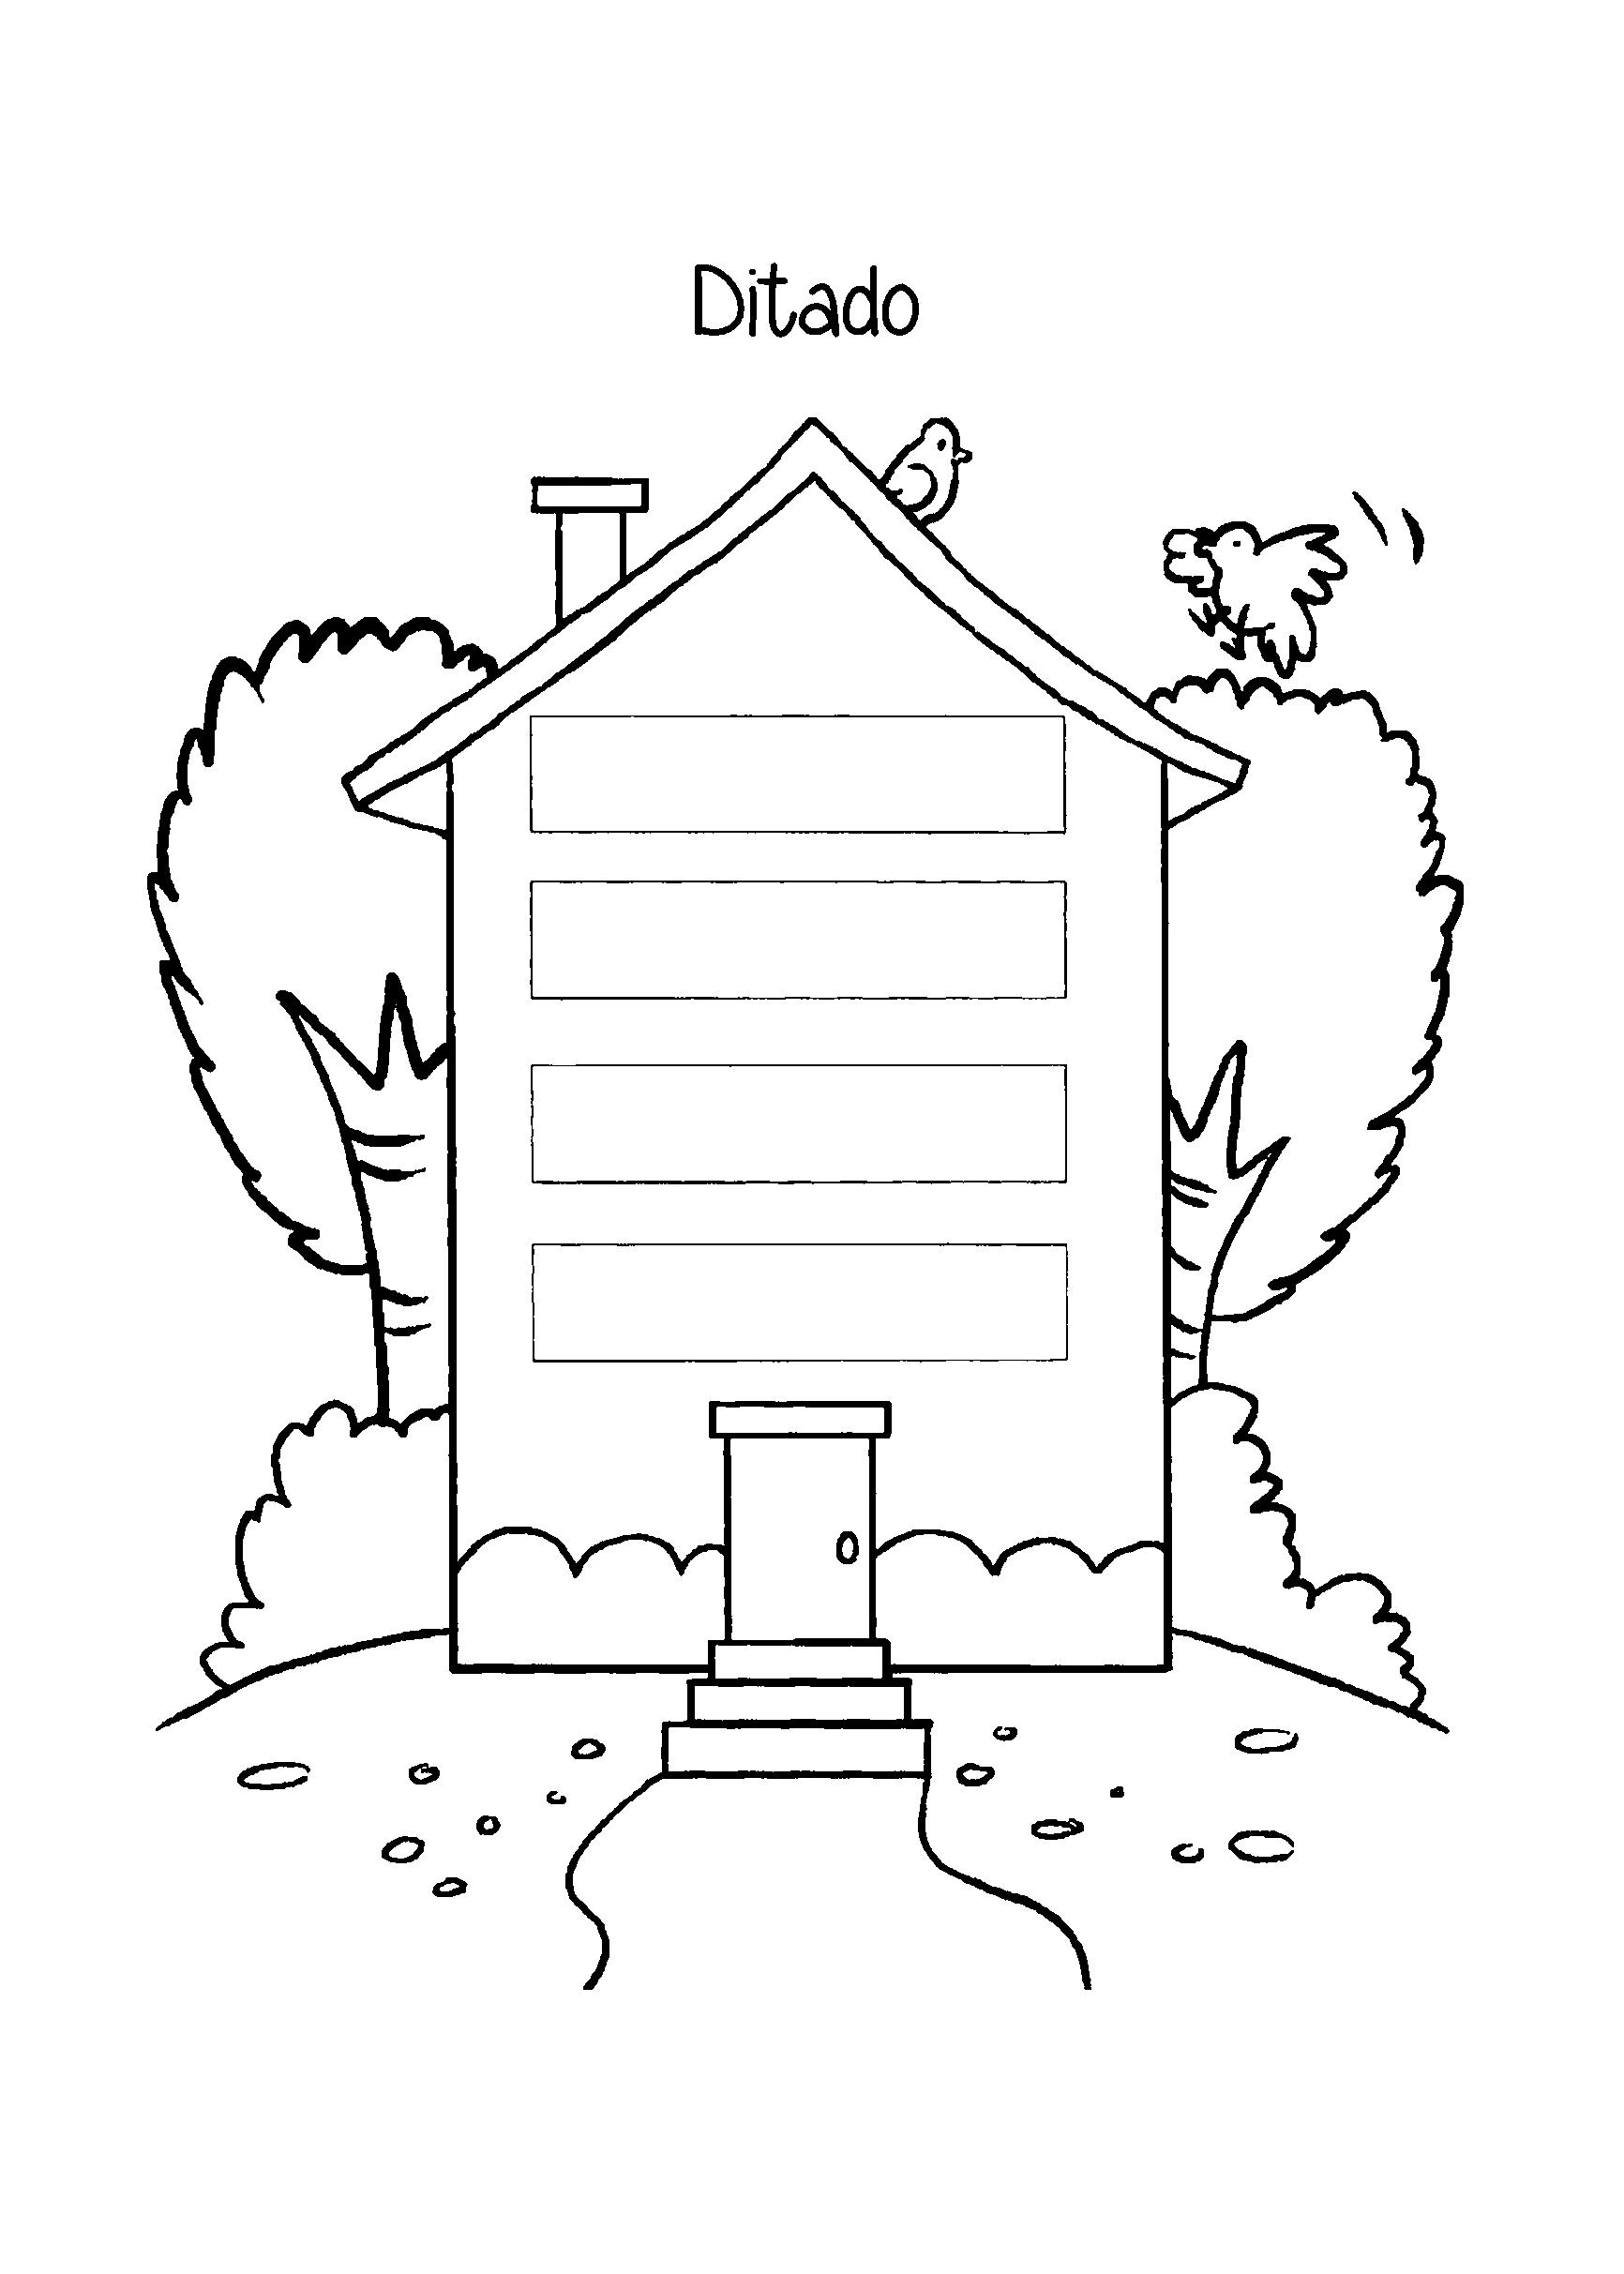 0197-ditado-folhas-casa